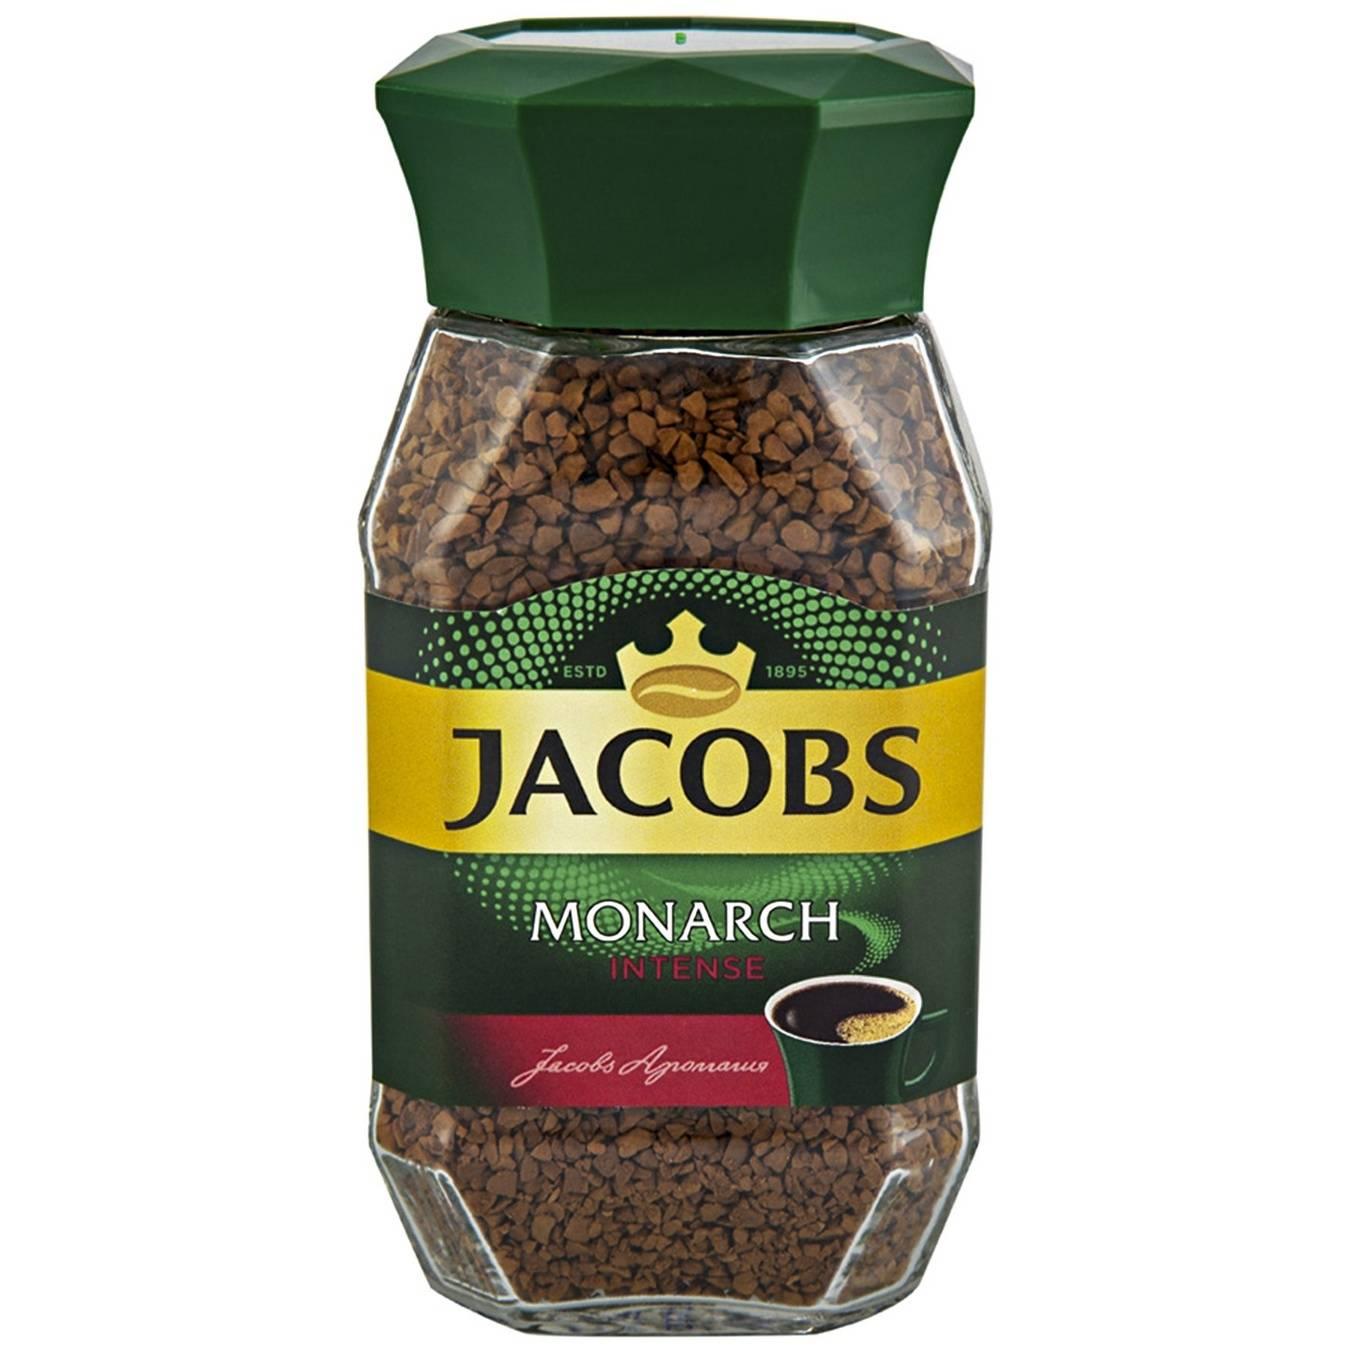 Сорта кофе якобс. кофе jacobs monarch: как отличить подделку от оригинала